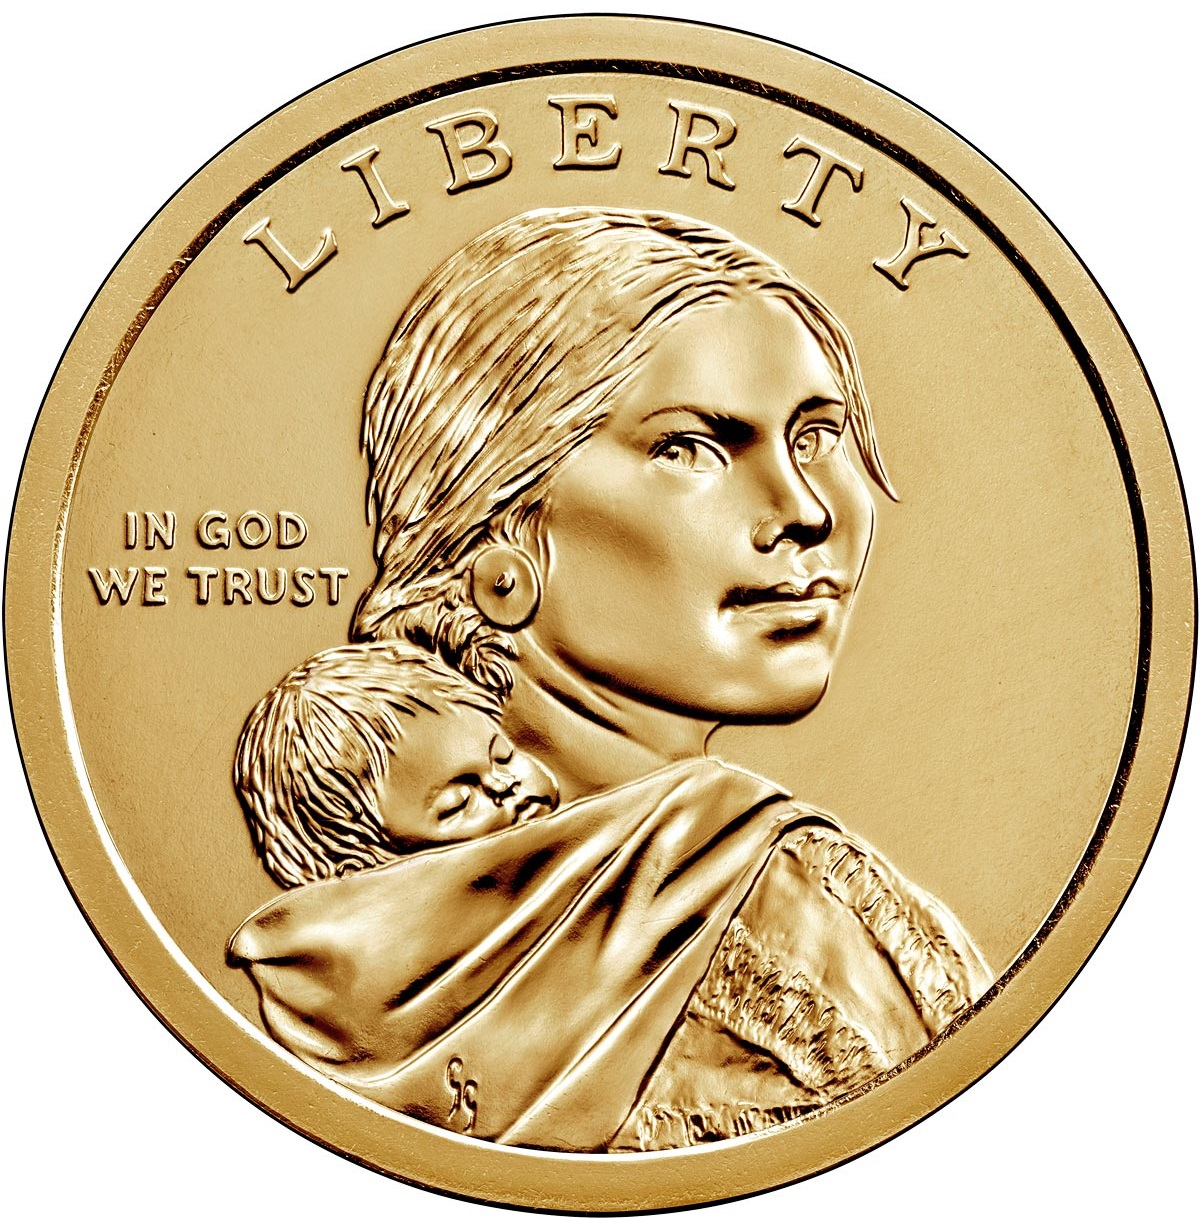 США монета 1 доллар США, 2021 год, реверс